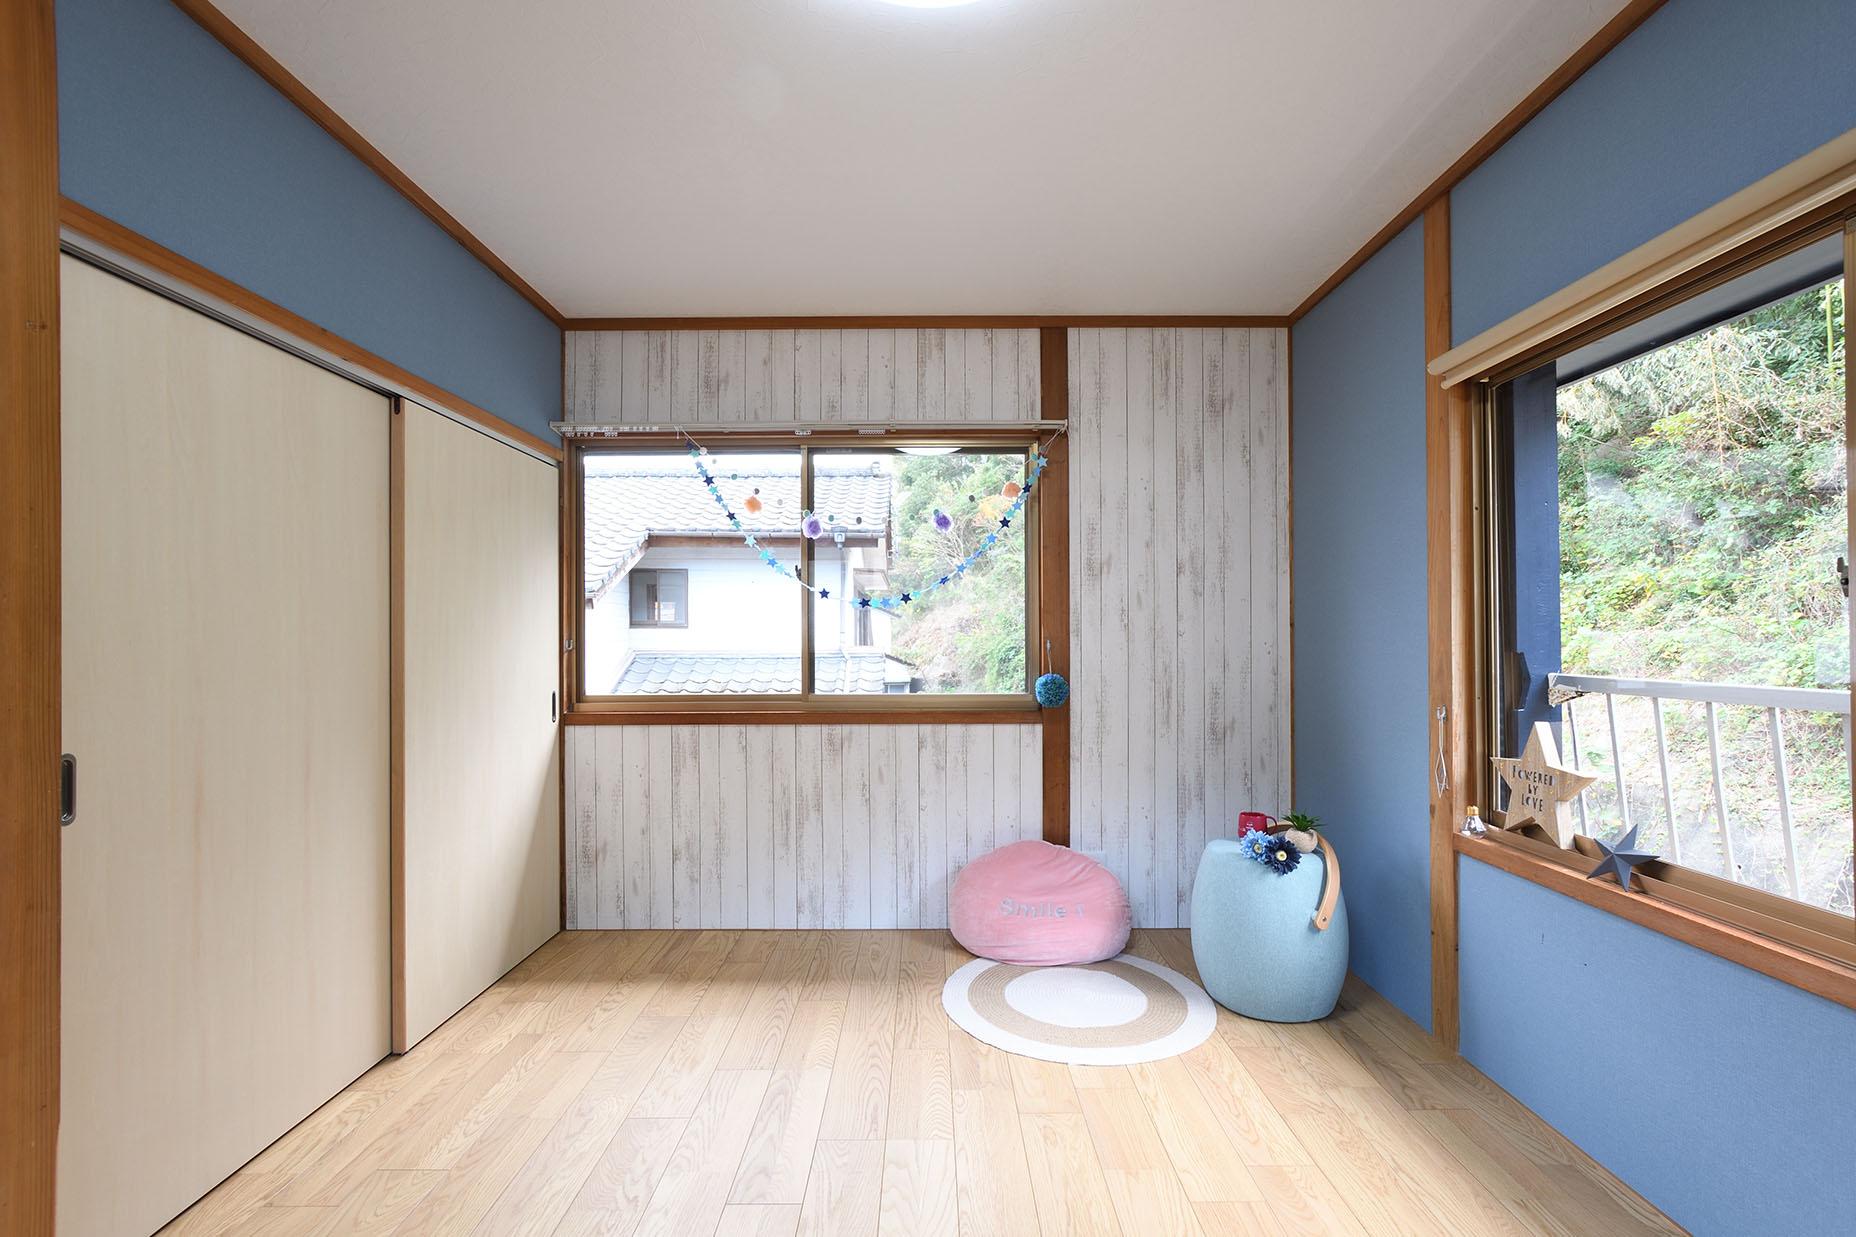 戸建て再生リノベーションのお家 in 延岡